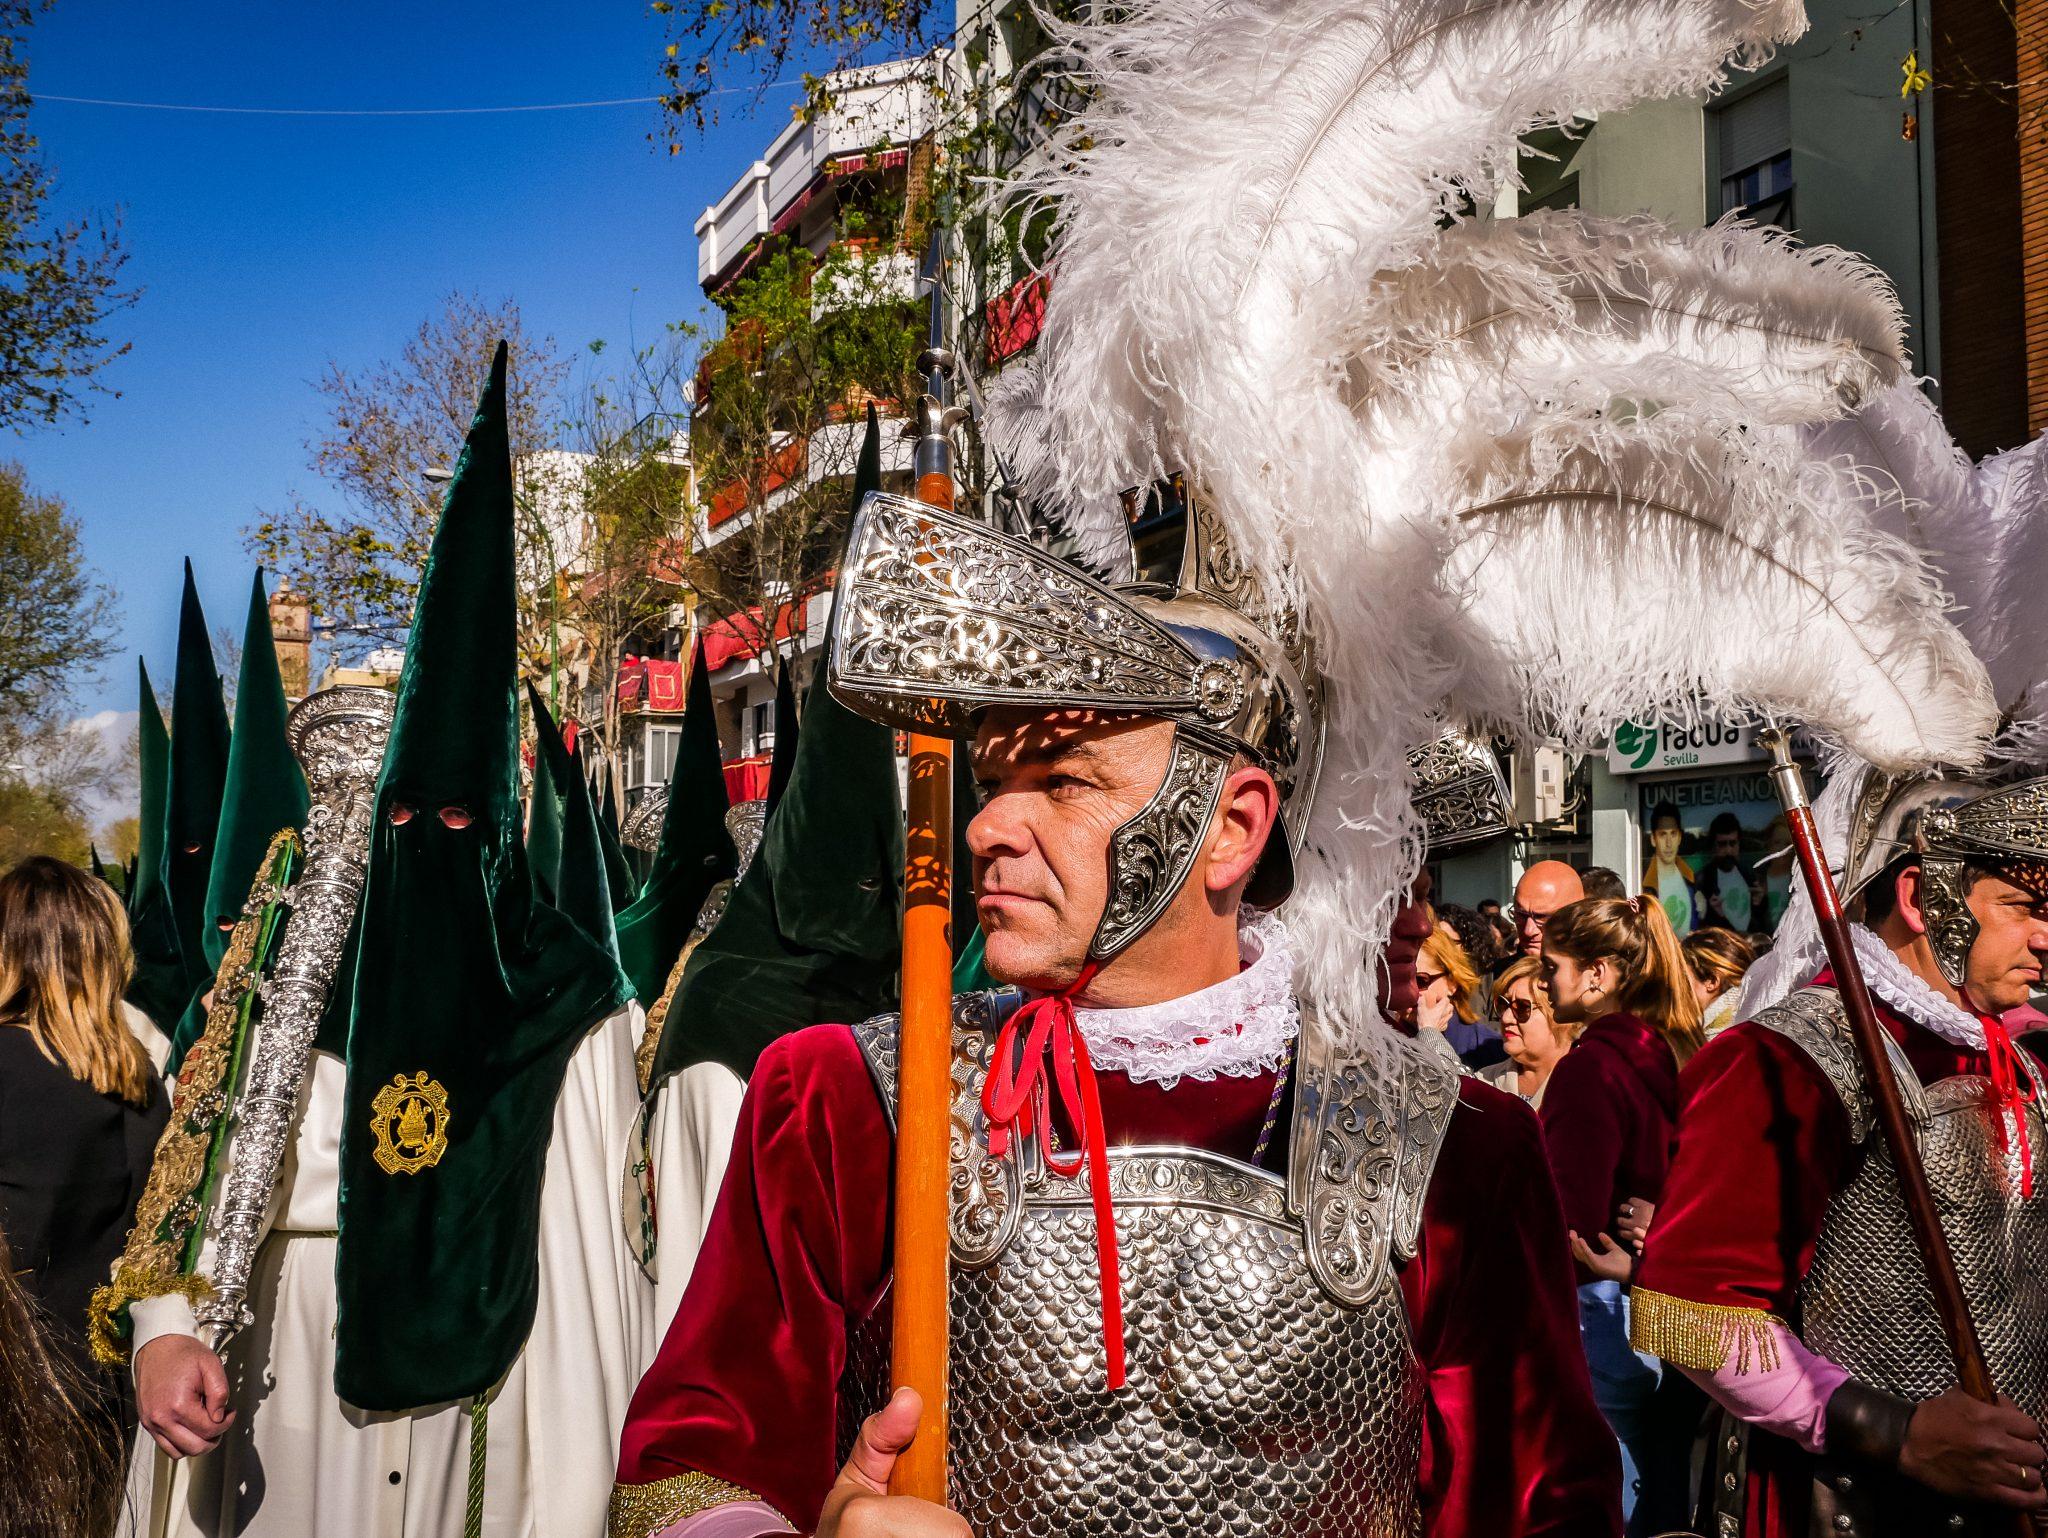 Der Höhepunkt der Semana Santa in Sevilla: Madrugada (Karfreitag), Prozessionszug: La Macarena, welcher 13 Stunden unterwegs ist.